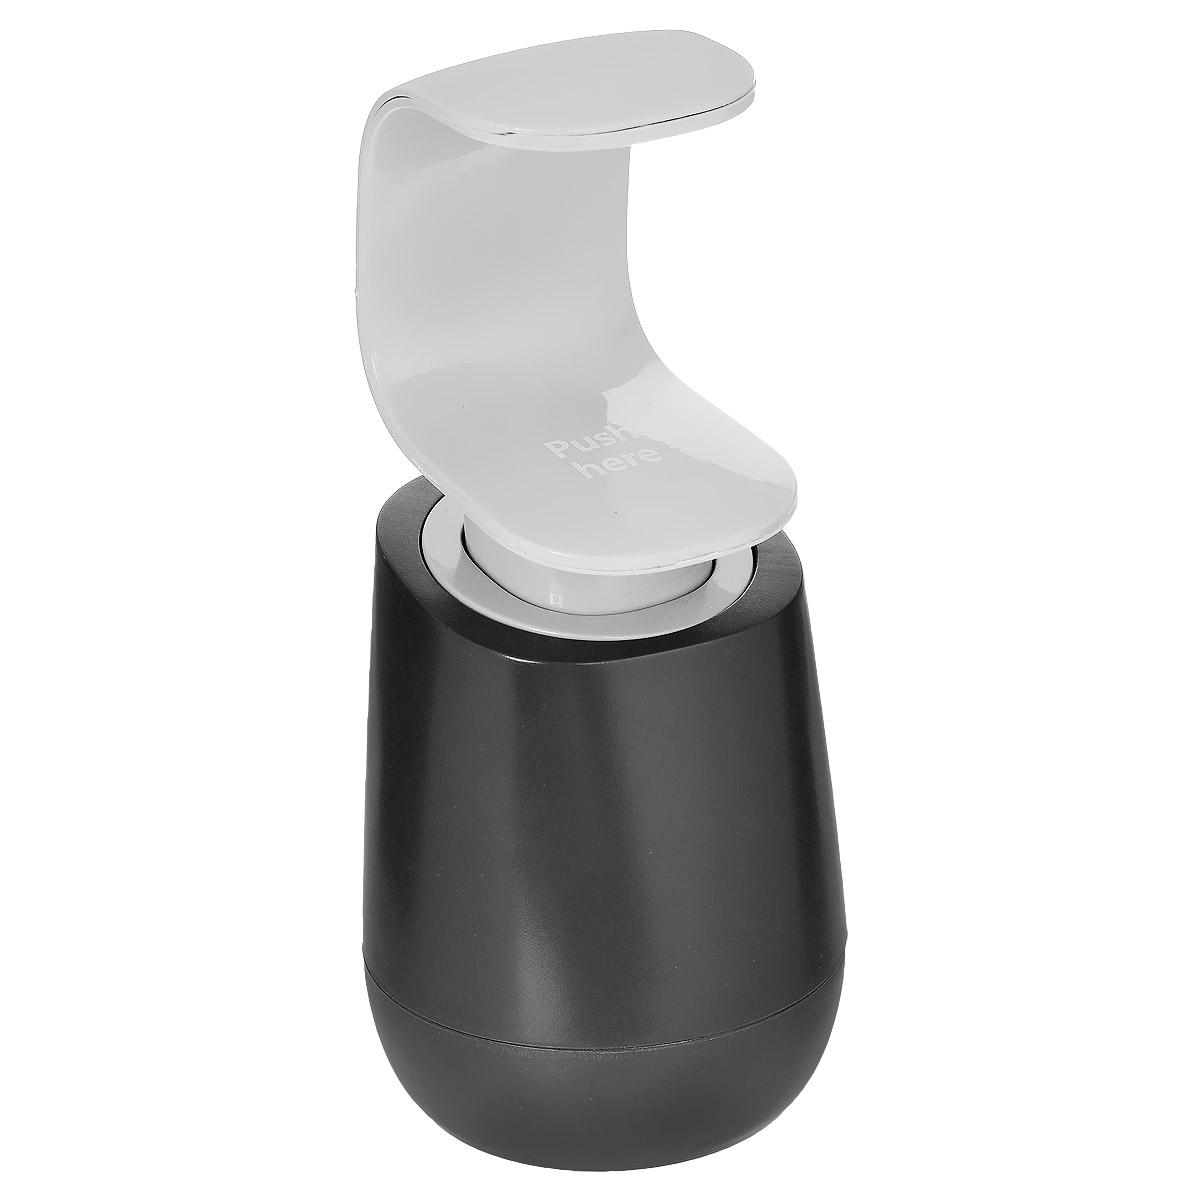 Дозатор для мыла Joseph Joseph C-Pump, цвет: серый, 300 мл85054